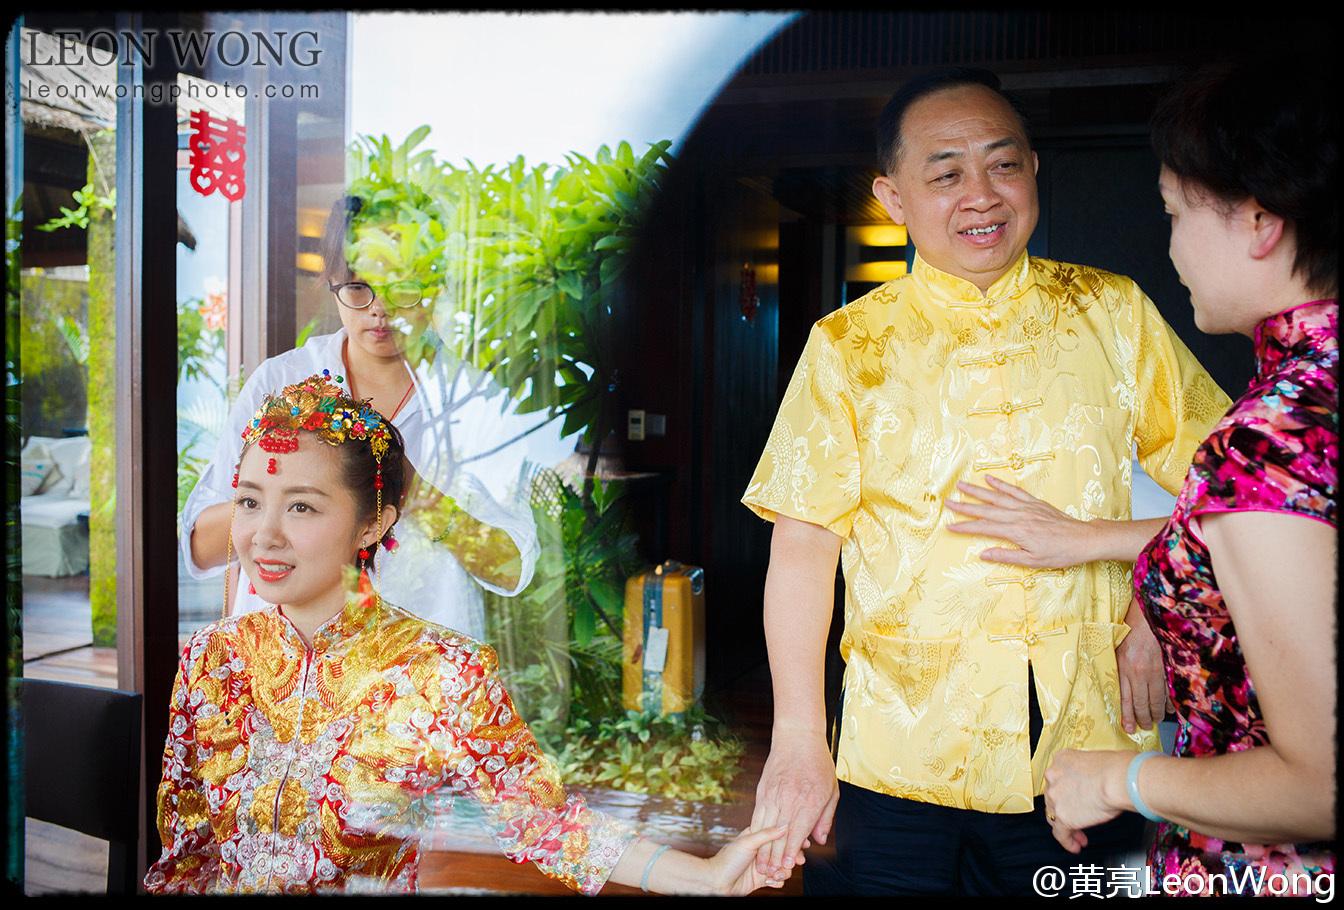 纪实婚礼摄影魅力:LEON WONG照片背后(七)